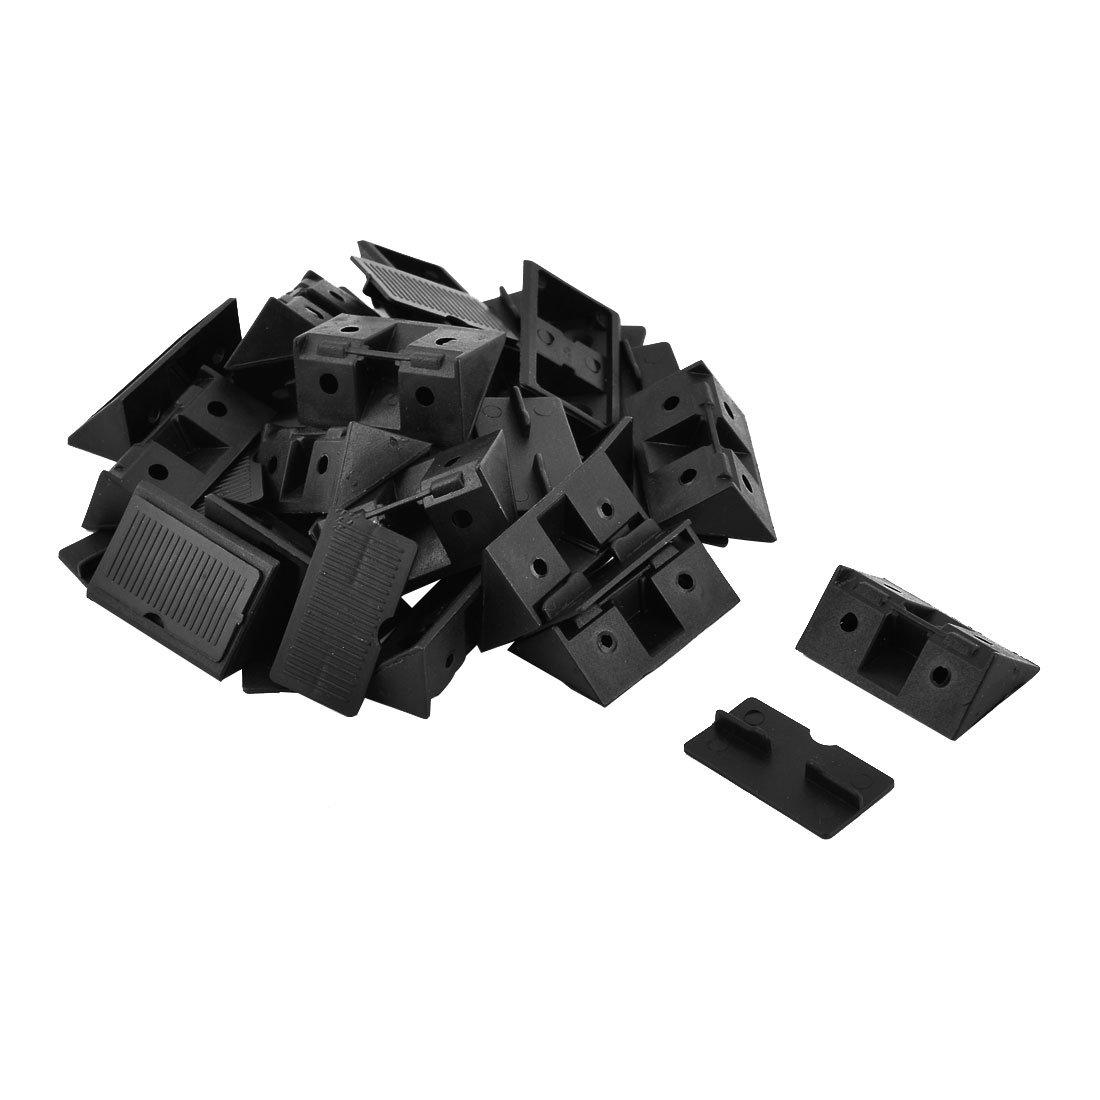 20 Stk Möbel Kunststoff Winkelträger Verschluss Abdeckungen Schwarz 42x28x15mm